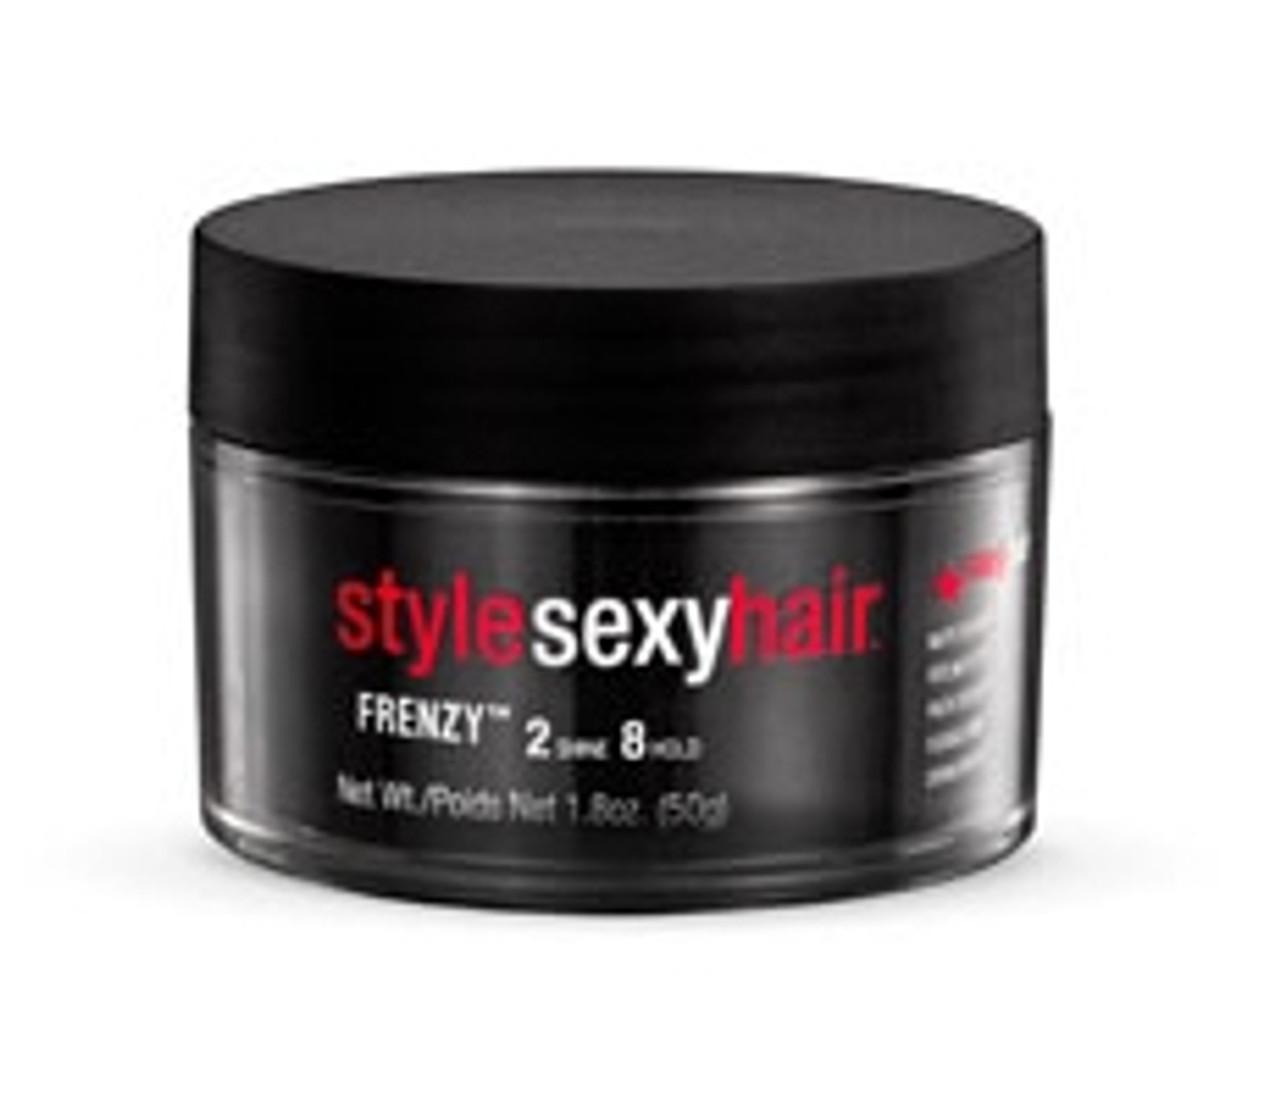 StyleSexyHair Frenzy